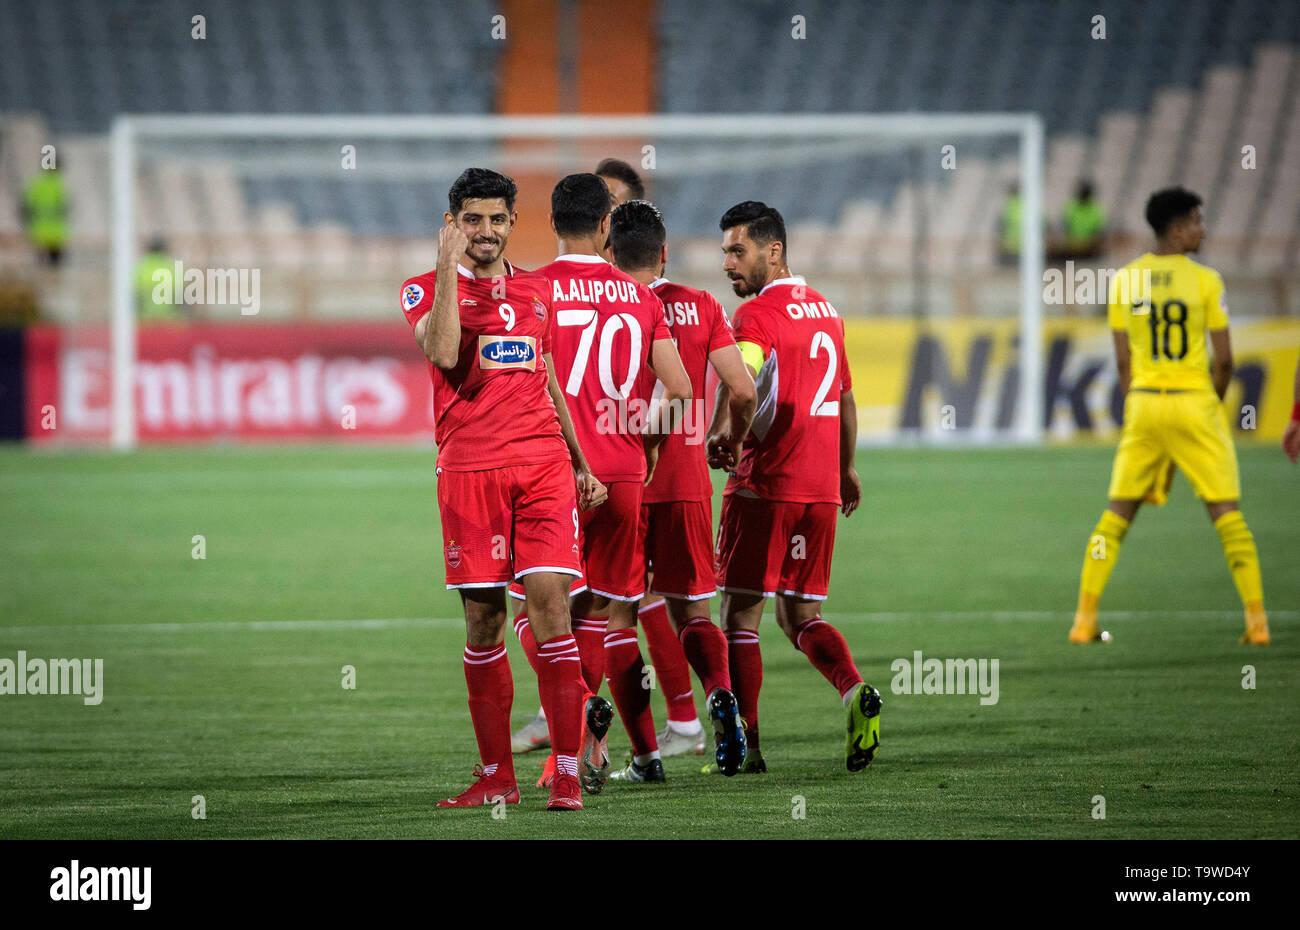 Tehran Iran 20th May 2019 Mahdi Torabi 1st L Of Persepolis Celebrates His Goal During The